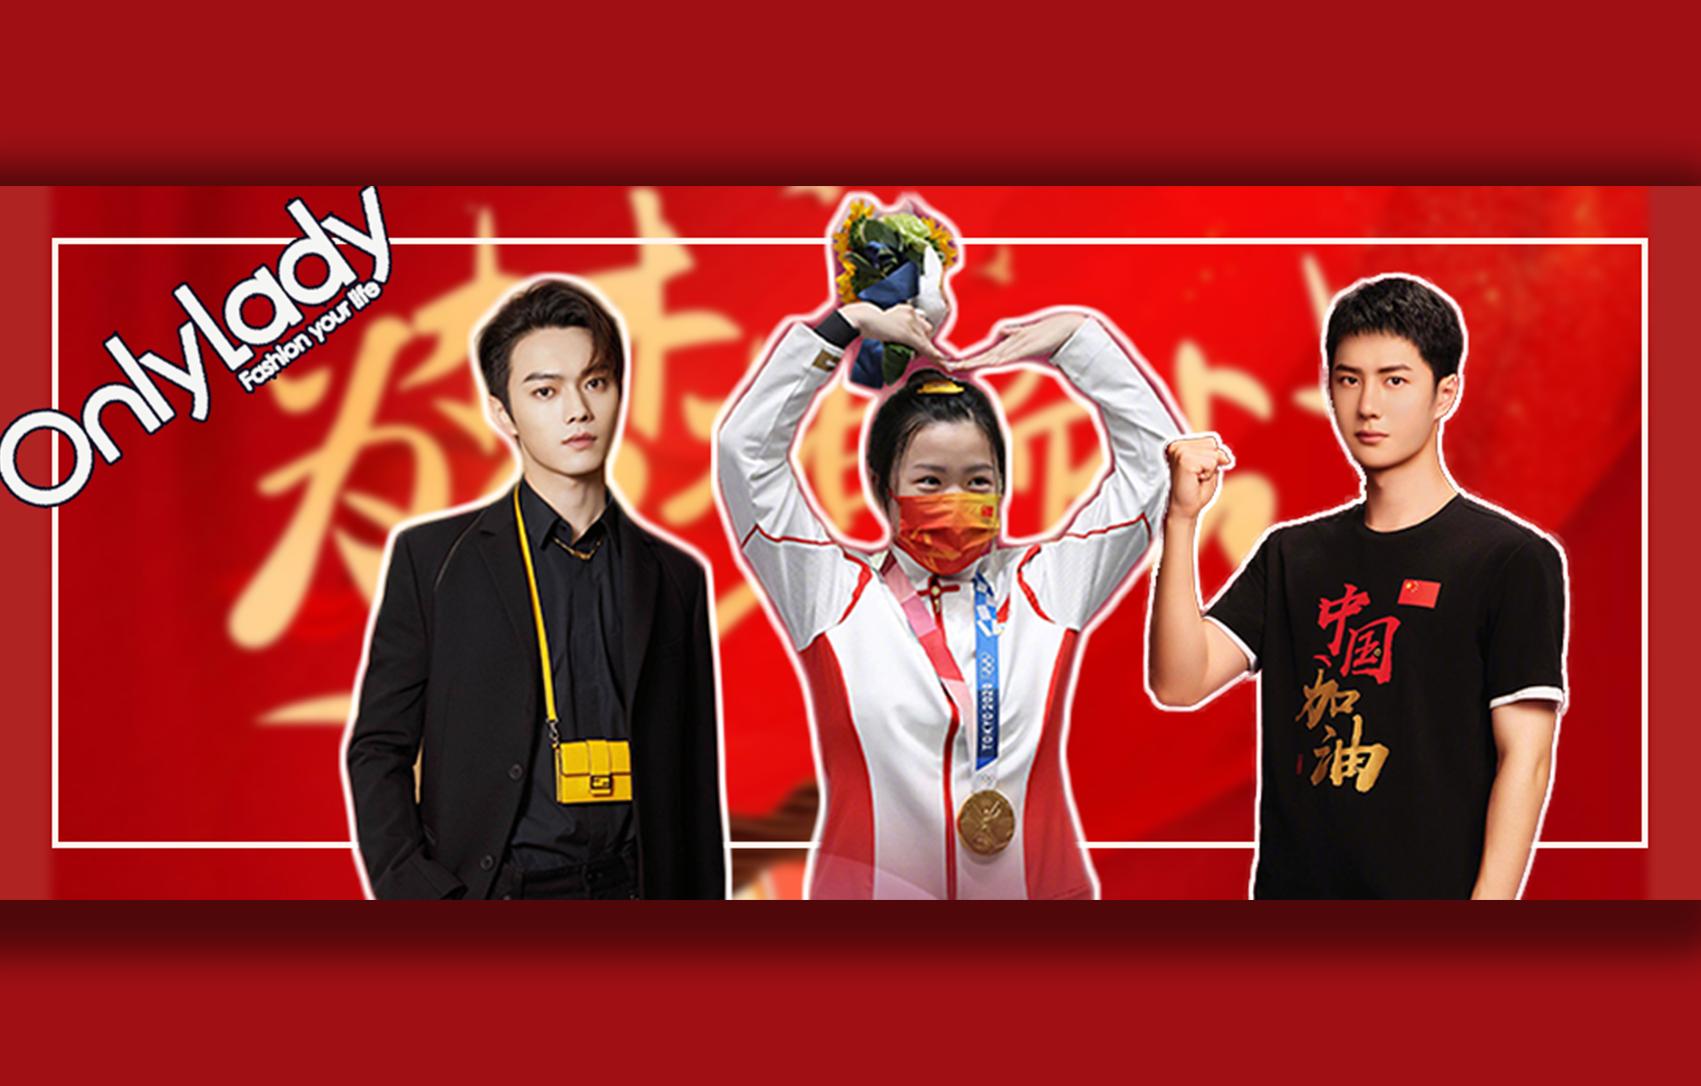 奥运首金杨倩竟然是追星族!王一博救灾河南,这就是偶像的力量!